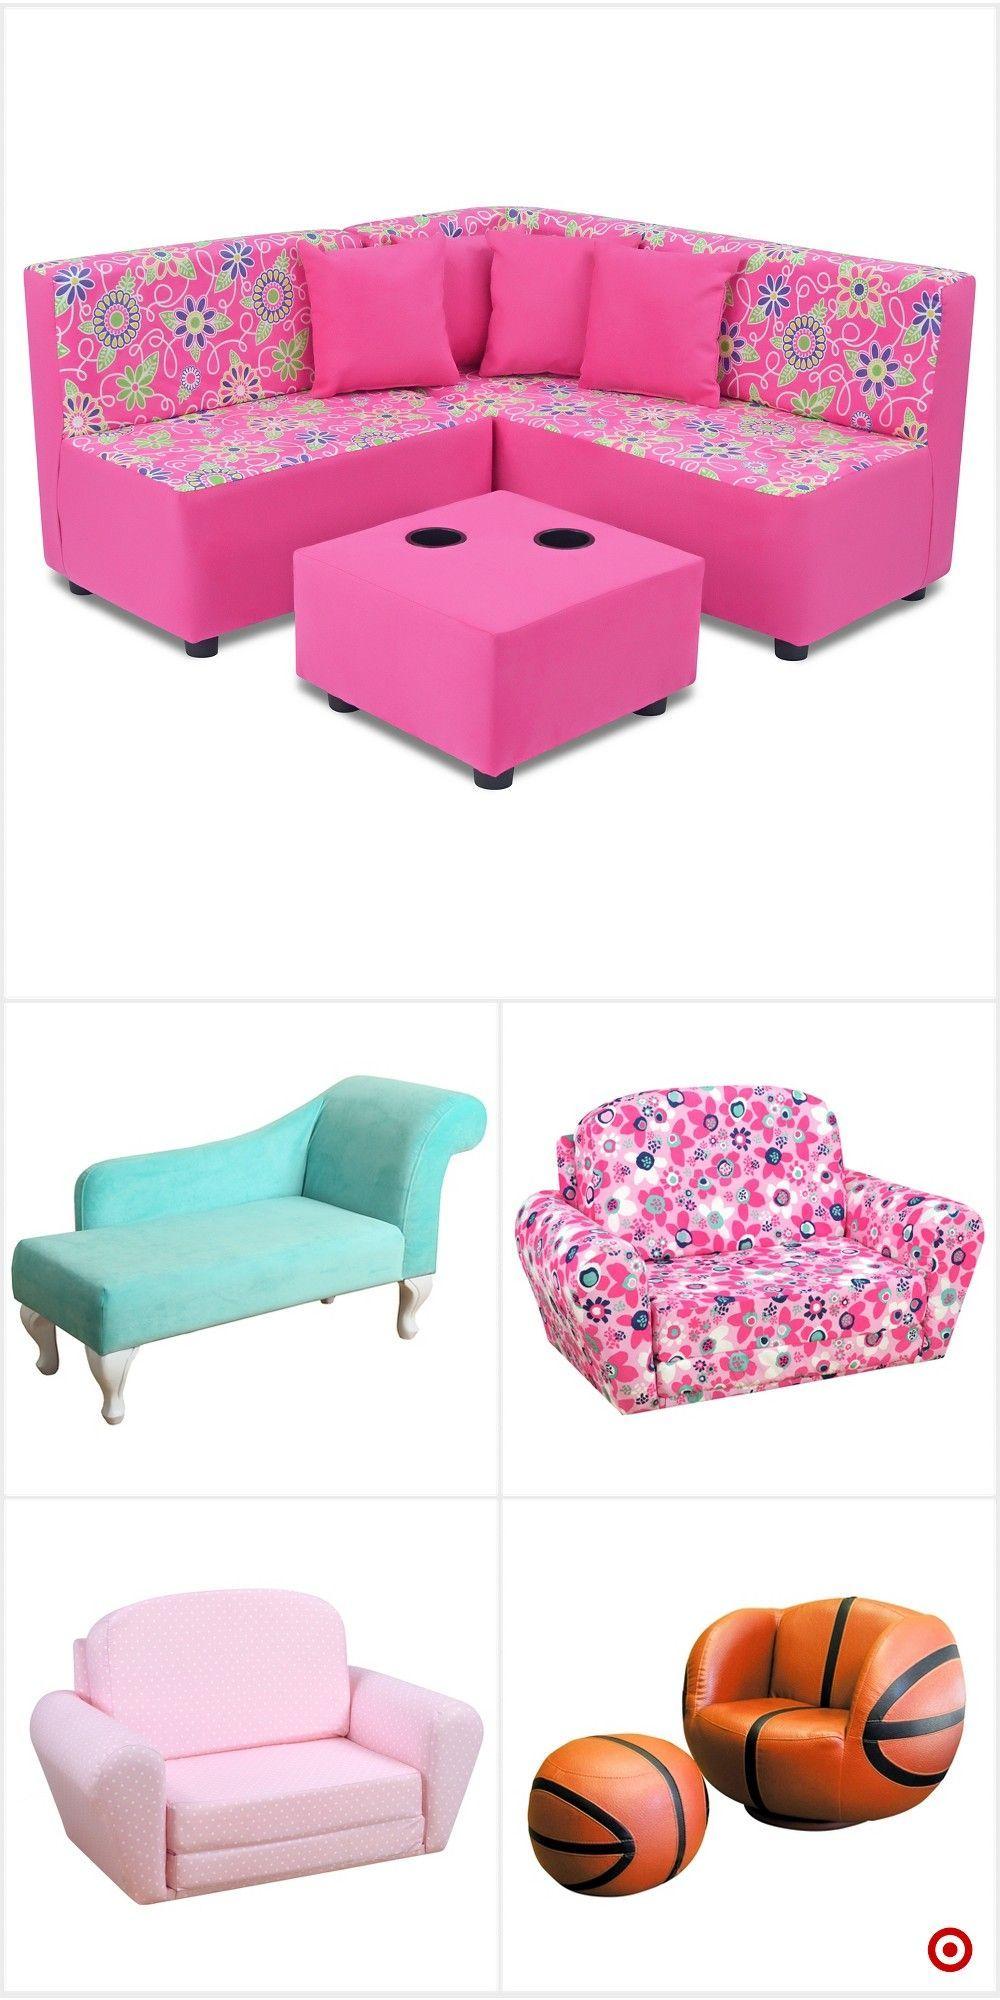 Playroom Ideas For 9 Year Old Playroomideas Playroomideasforteen